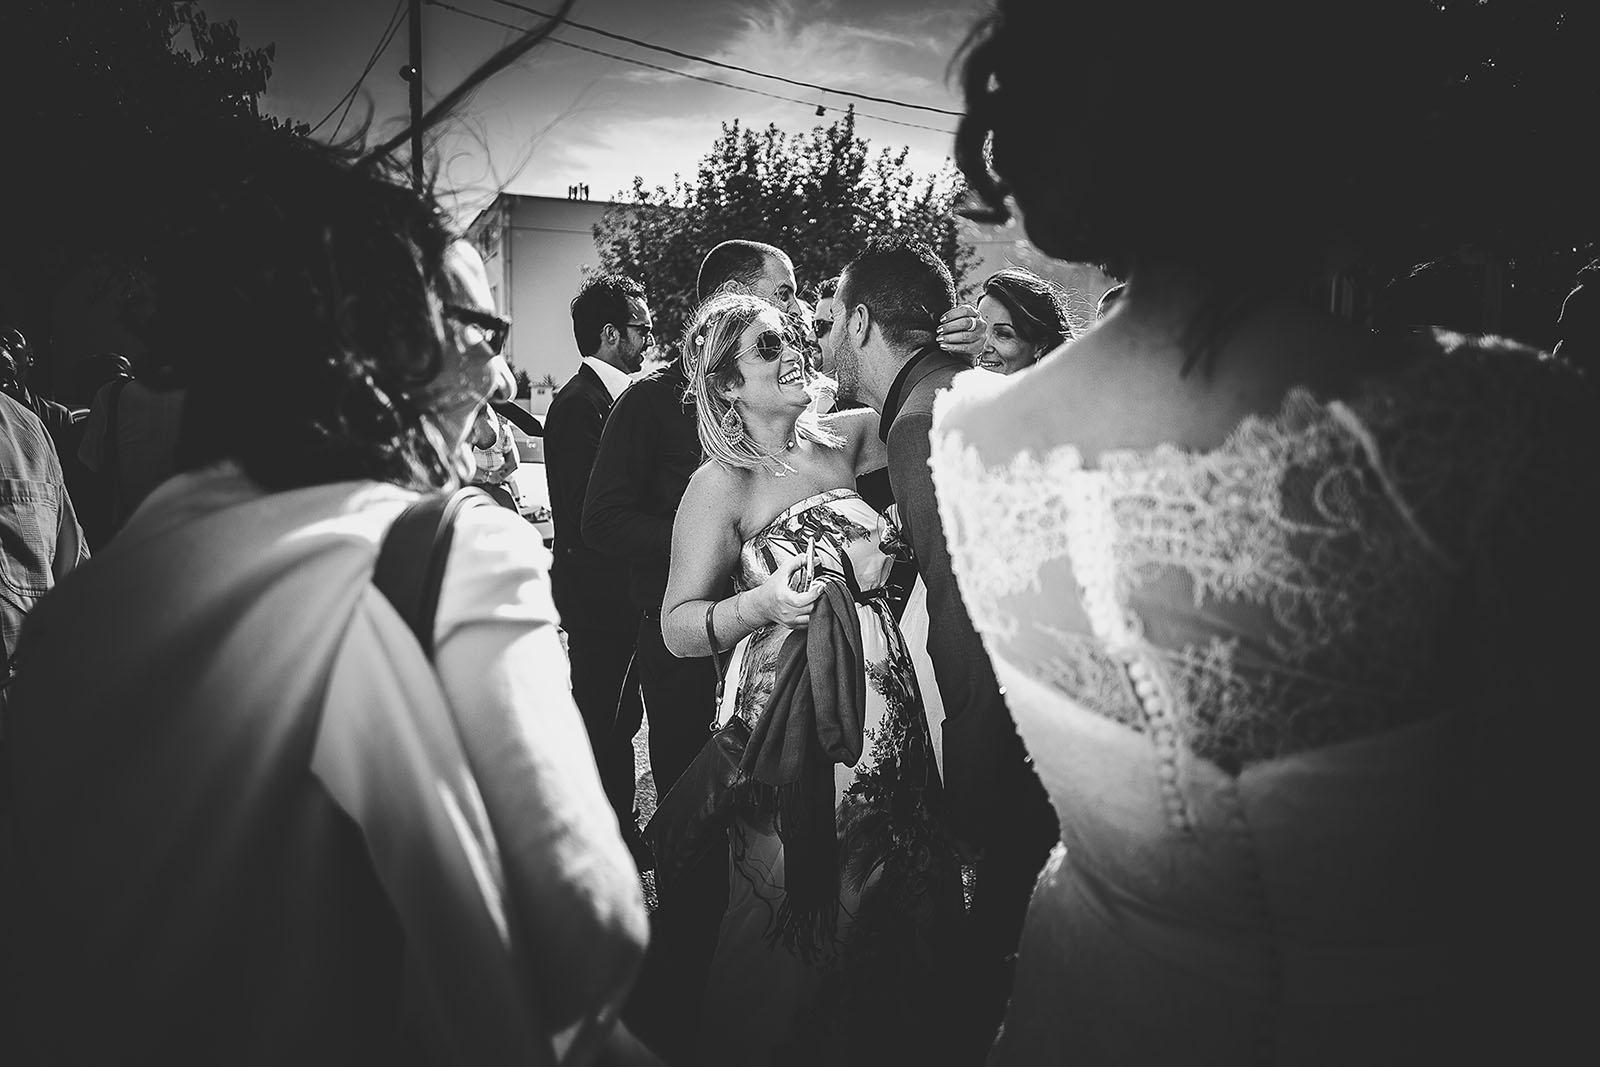 Mariage Villa Quélude David Pommier photographe de mariage. Les invités embrassent les mariés